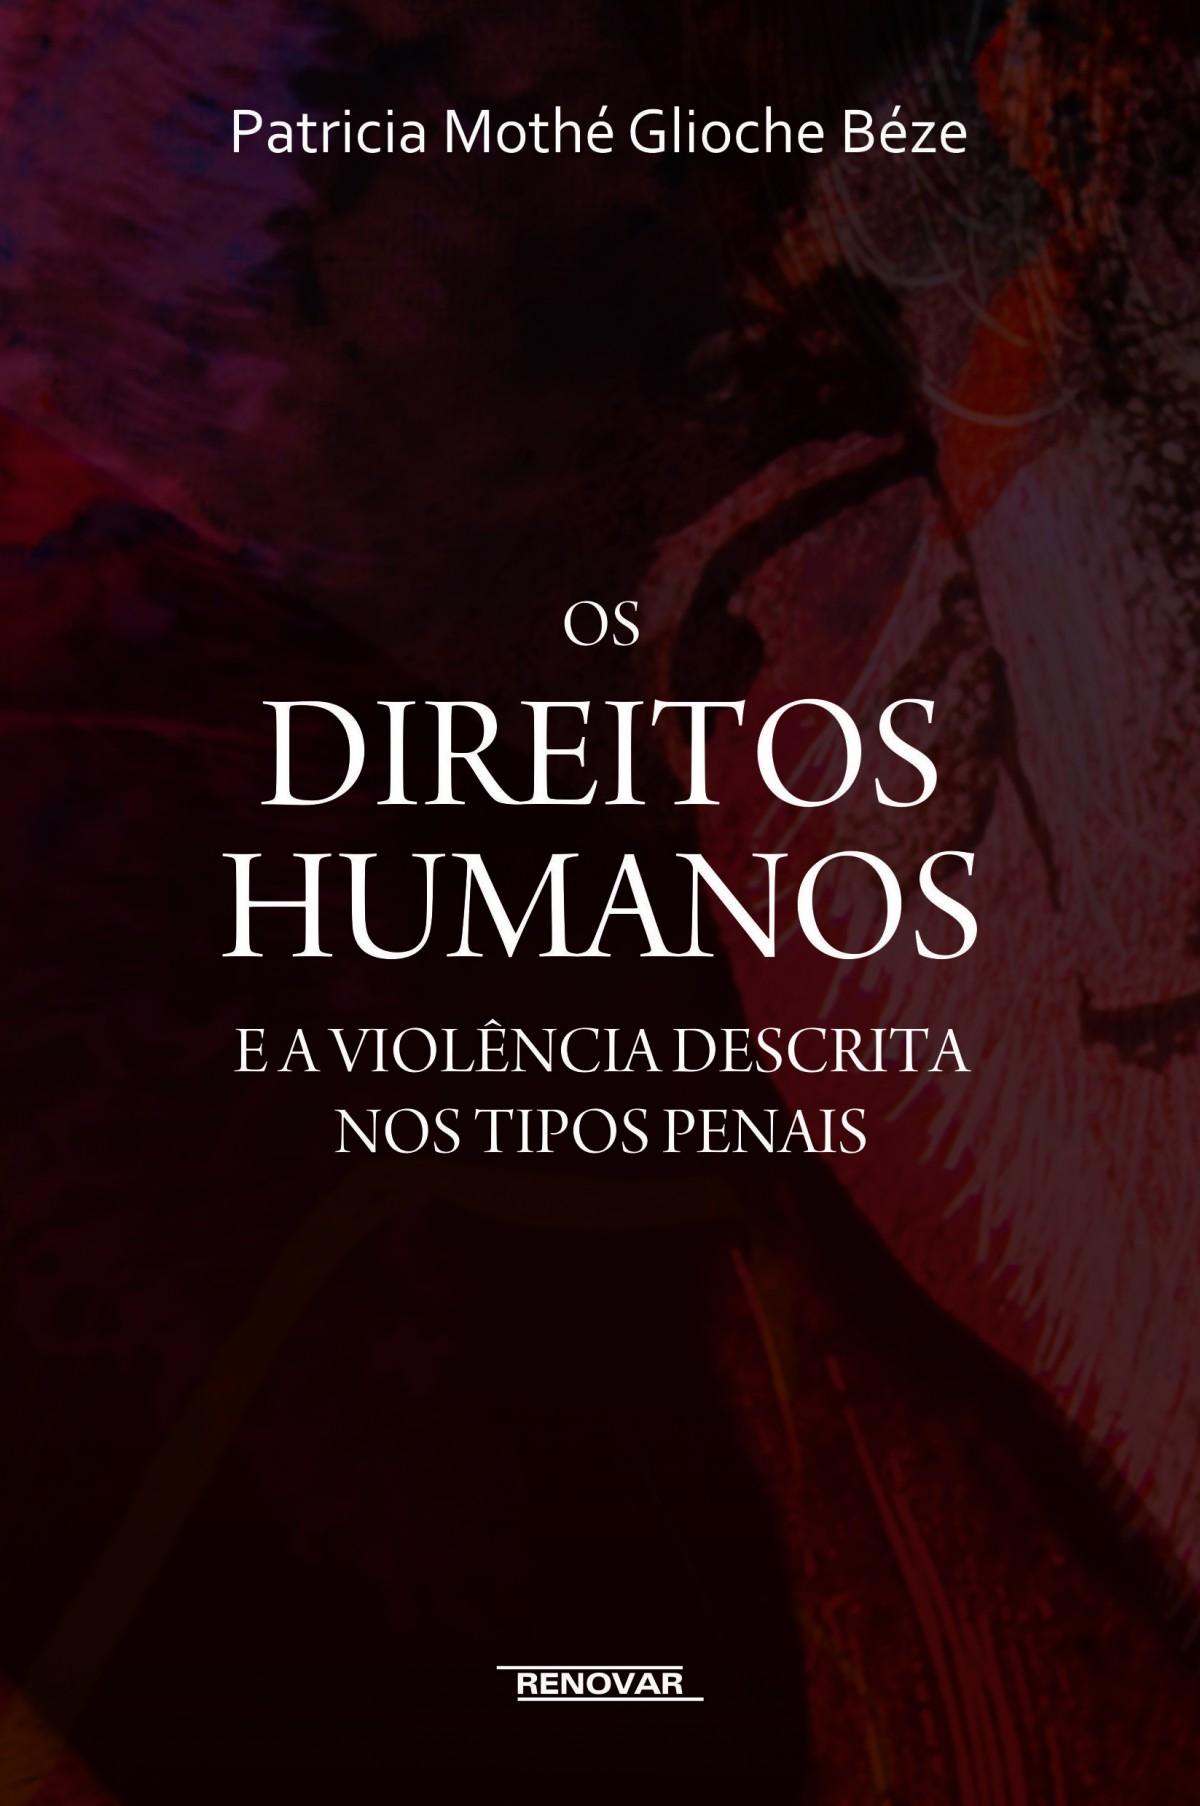 Foto 1 - Os Direitos Humanos e a Violência Descrita nos Tipos Penais